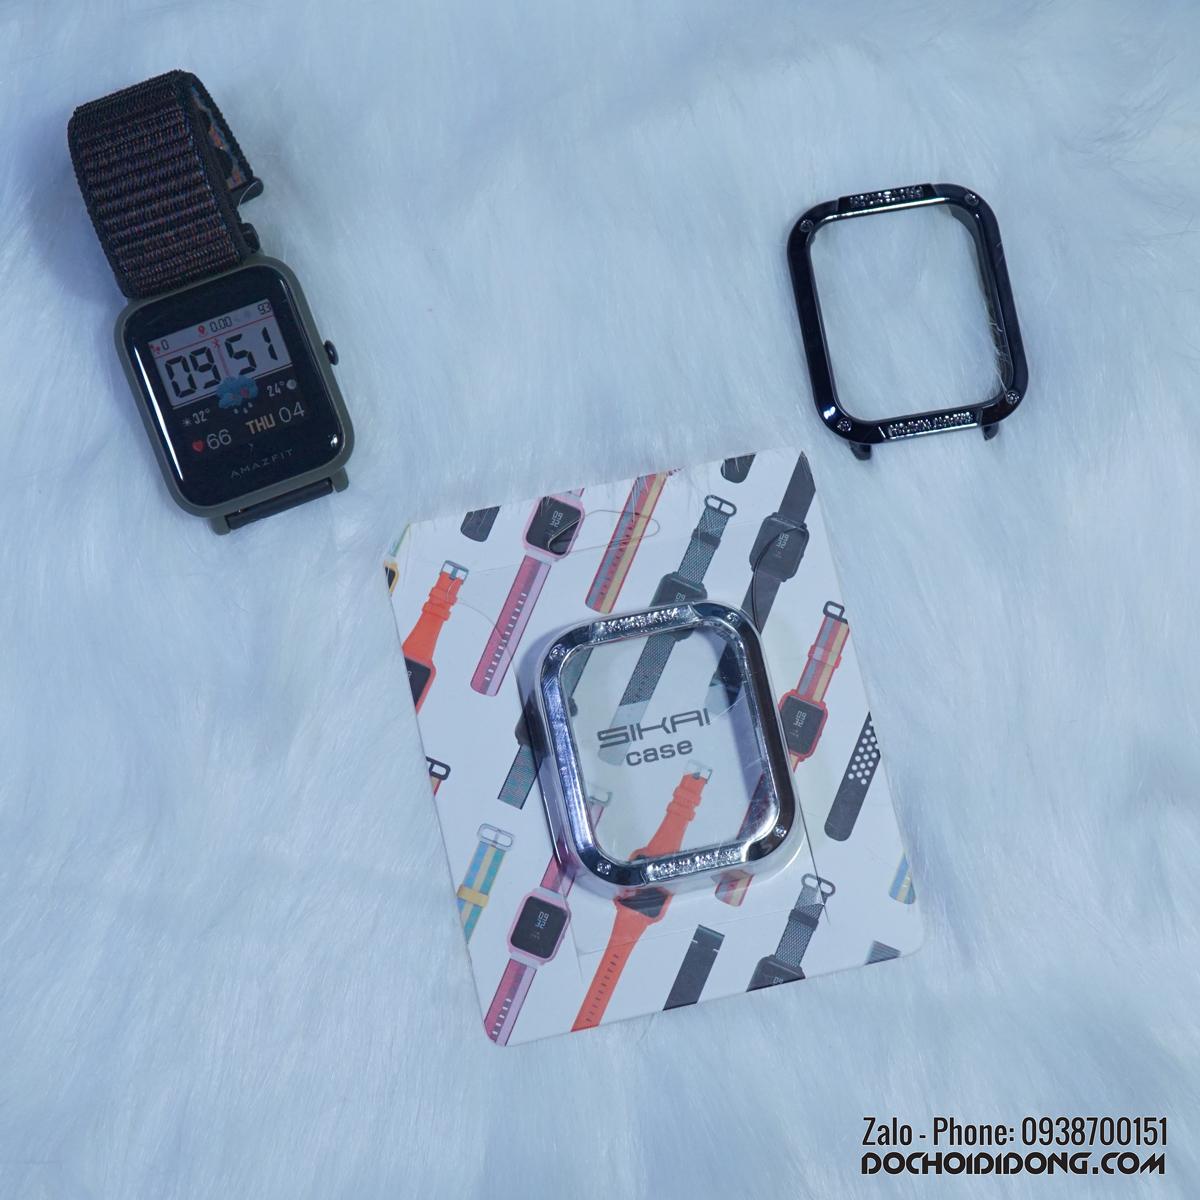 Ốp bảo vệ đồng hồ Amazfit Bip Sikai nhựa cứng sơn mạ kim loại